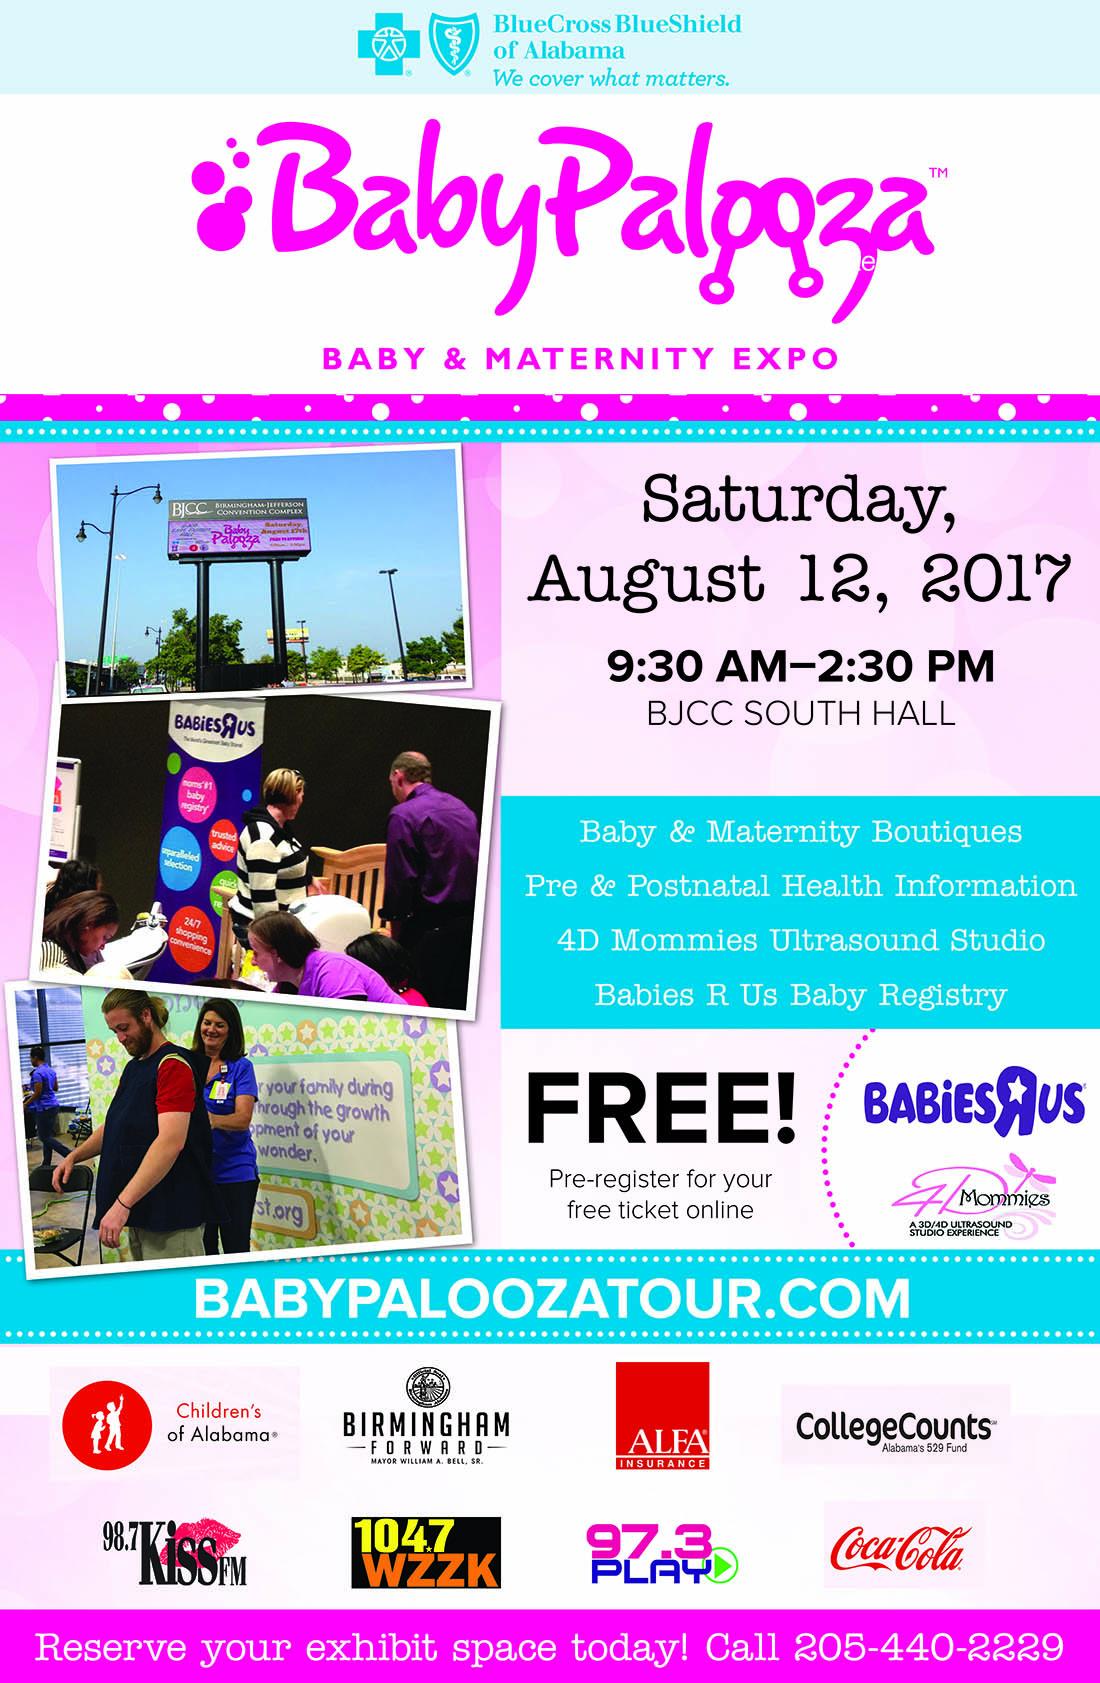 Babypalooza Baby & Maternity Expo